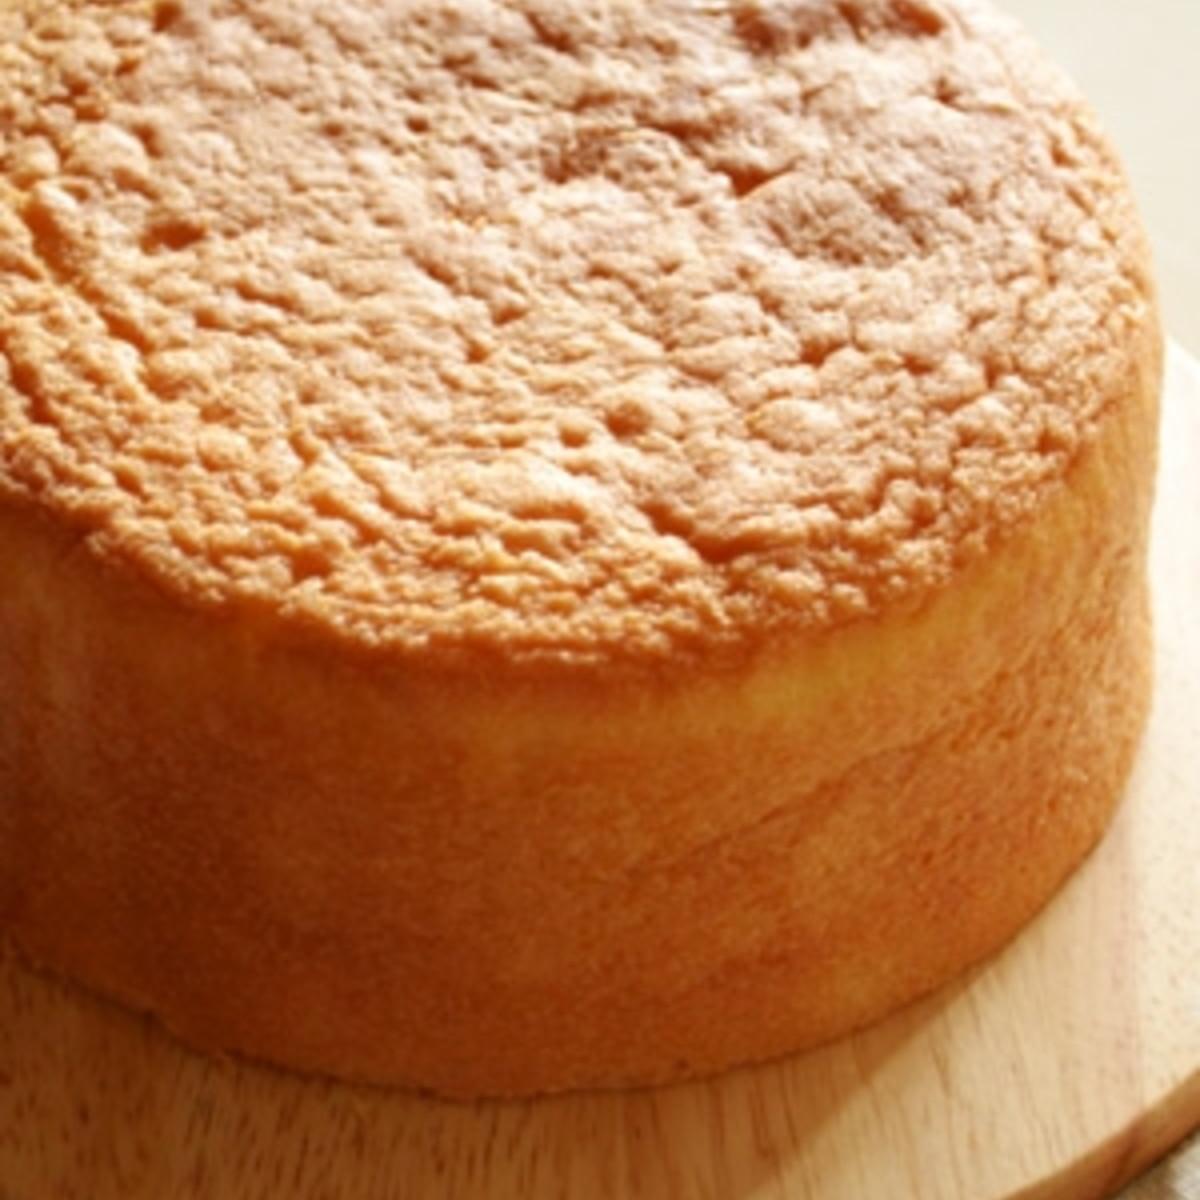 スポンジ ケーキ レシピ 人気